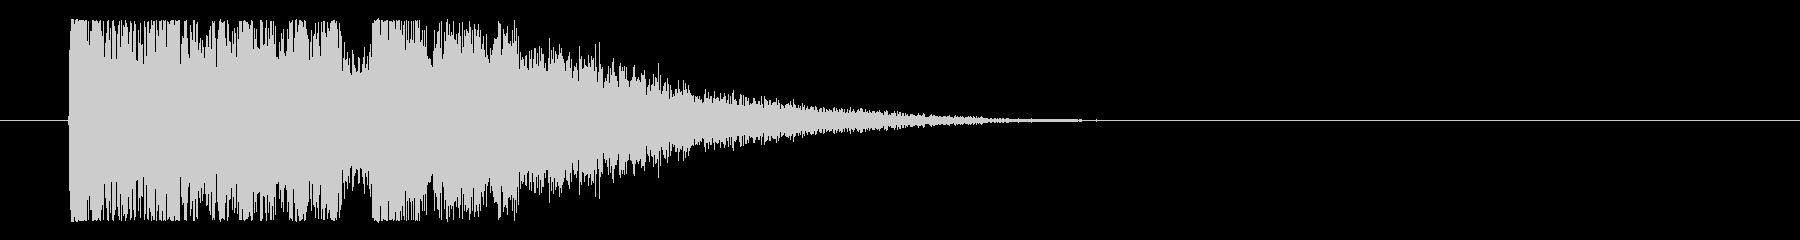 怪しくインパクトのあるサウンドロゴの未再生の波形